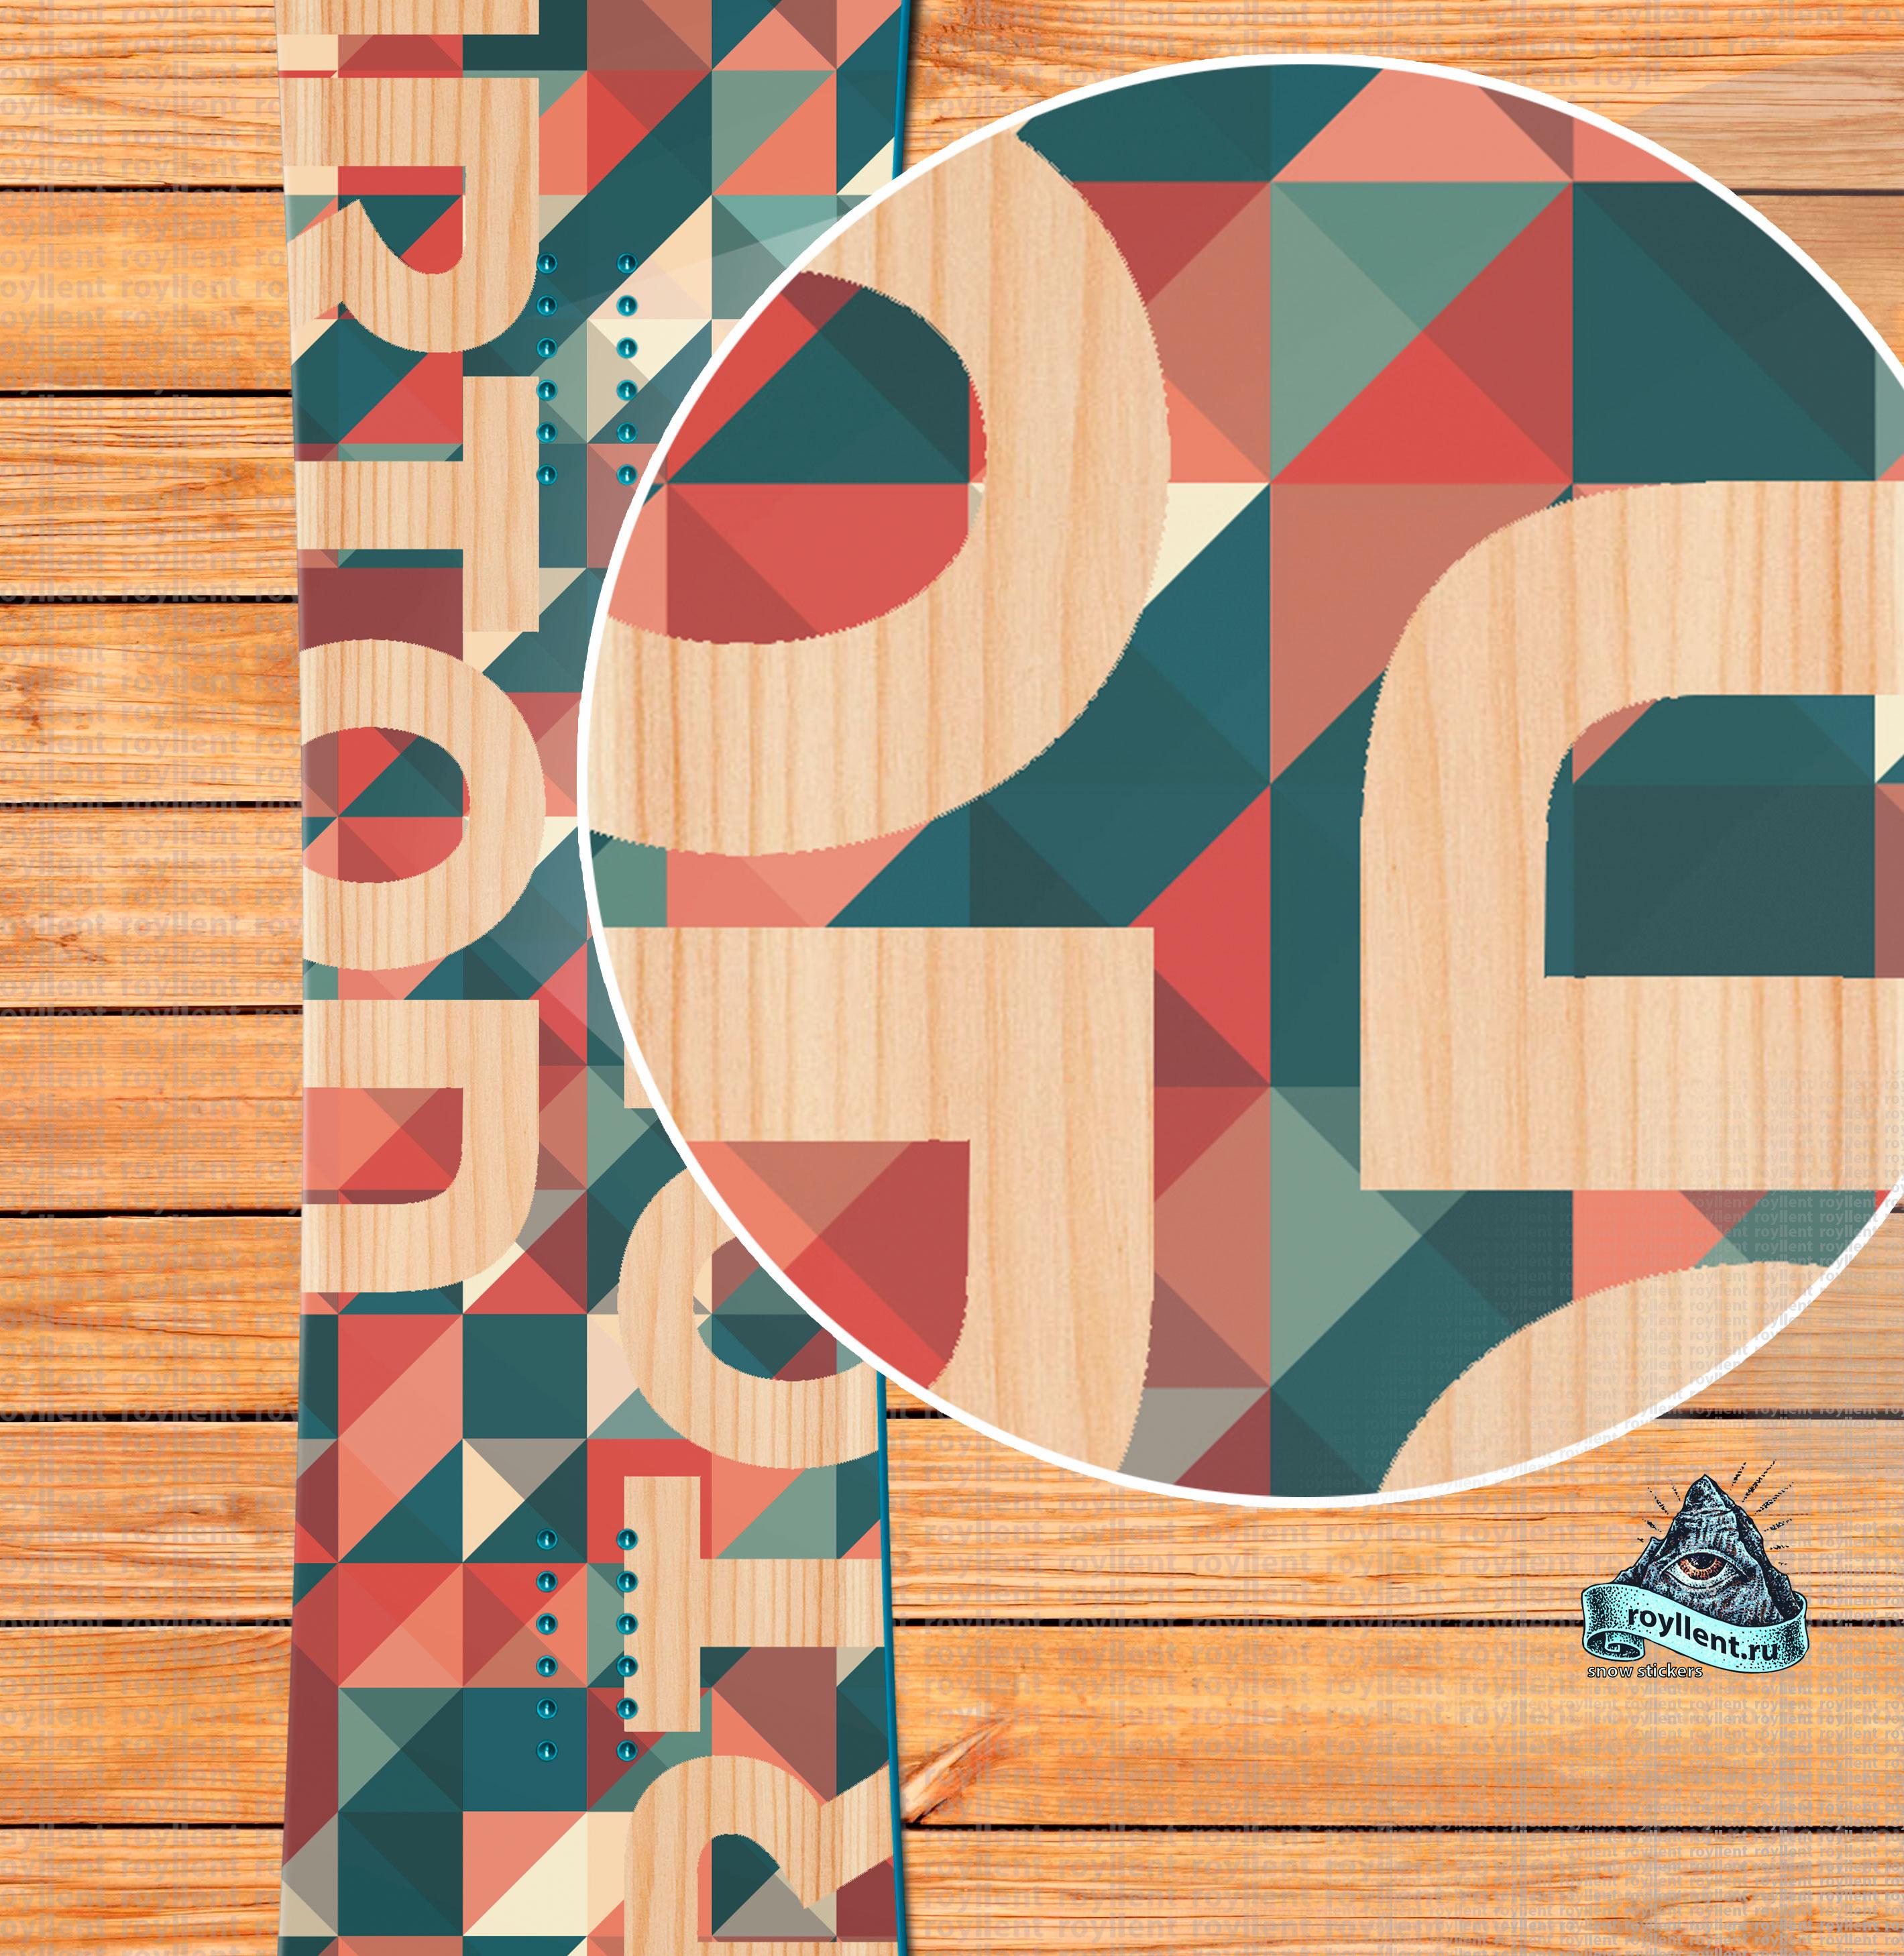 Burton, сноуборд burton, burton купить, Burton wood, burton официальный, наклейка burton, burton design, burton магазин, burton est, burton 14 15, burton menswear, где купить наклейки, заказать наклейки, печать наклеек, декоративные наклейки